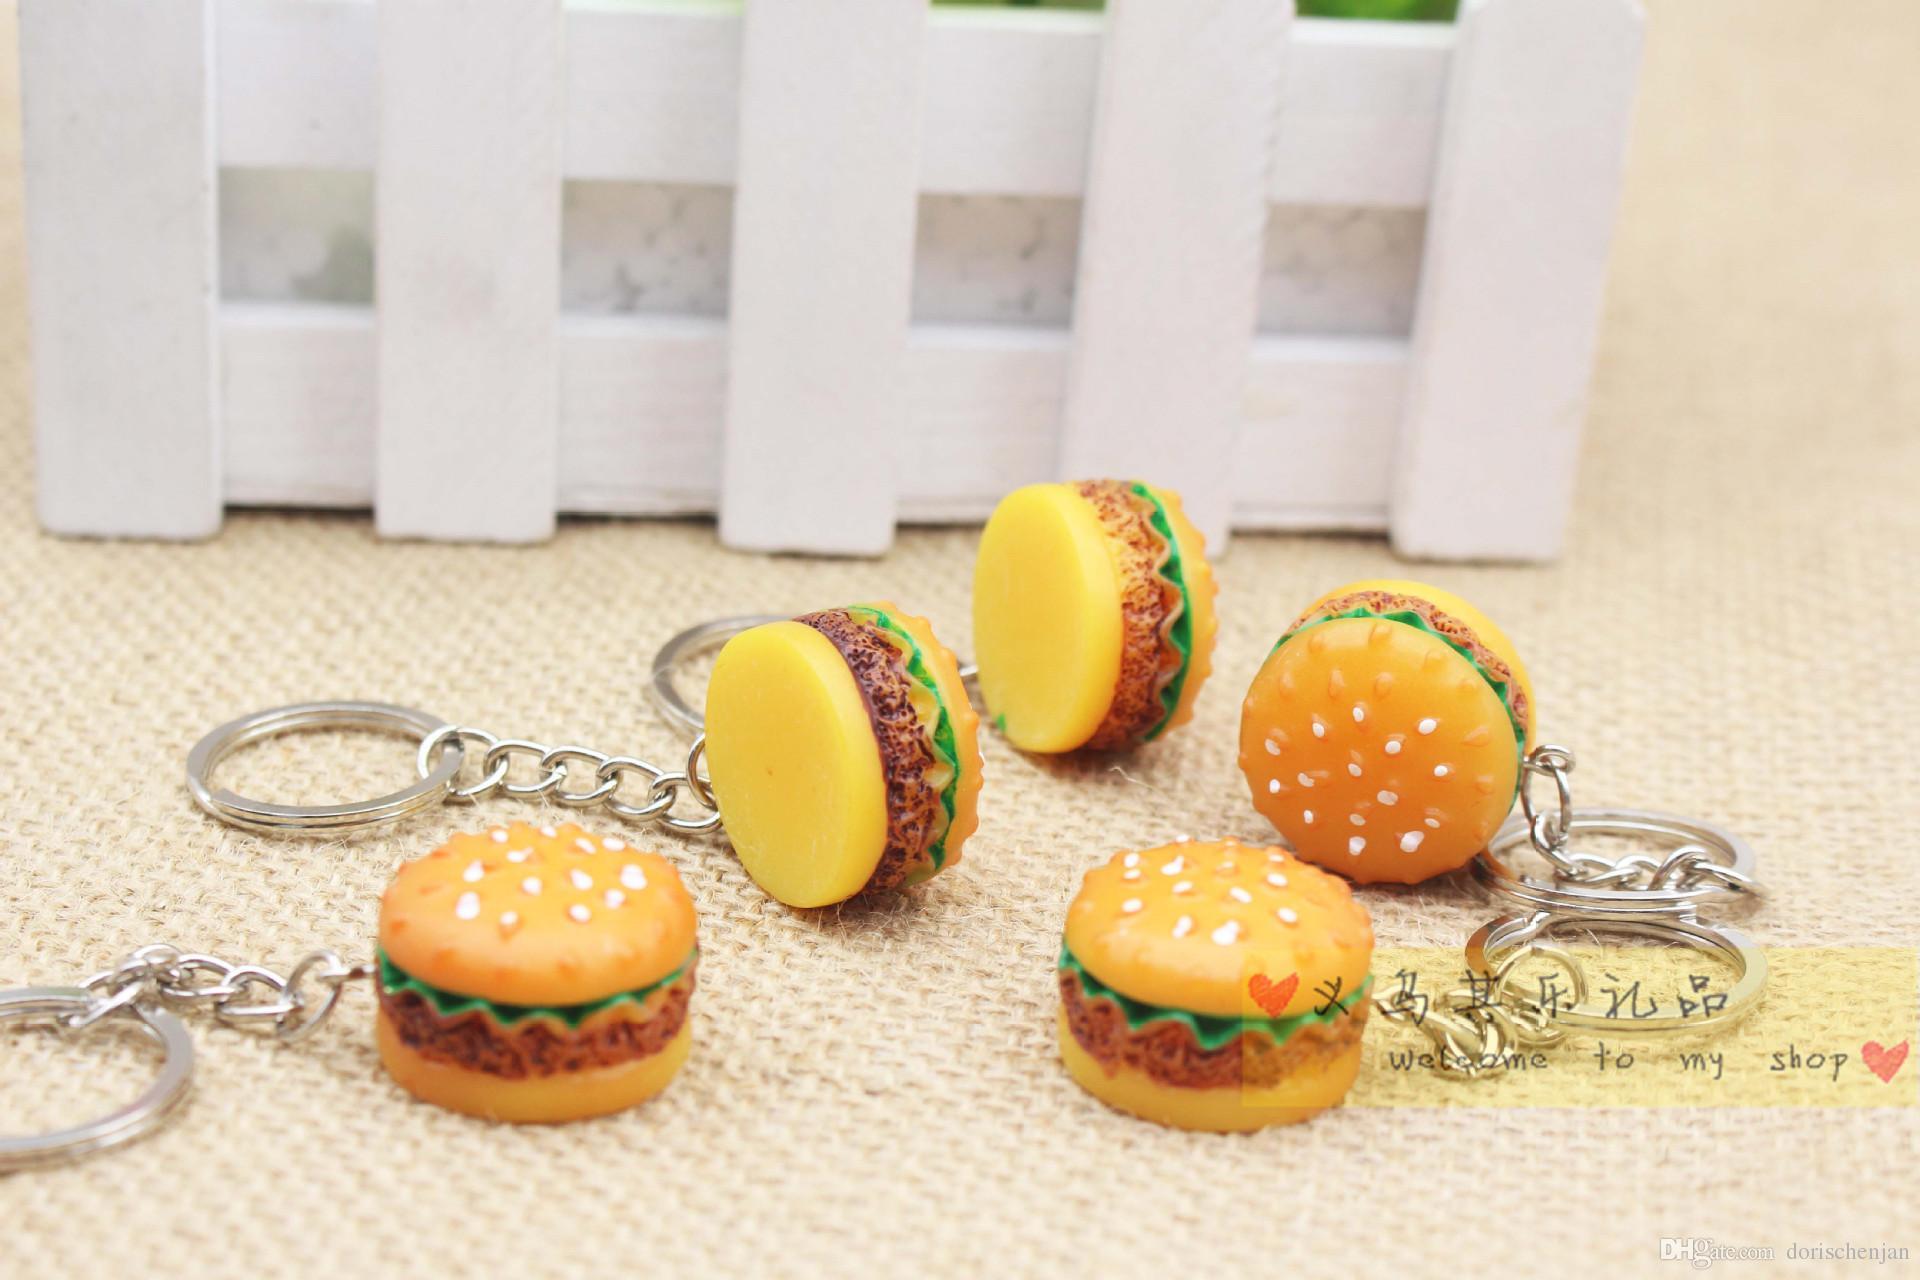 KeyChains Ringe Tasche Trinket Soft ewsin Schlüsselanhänger Minions Marines Mini Hamburger Schlüsselhalter Schlüsselanhänger Telefon Zubehör Geschenk